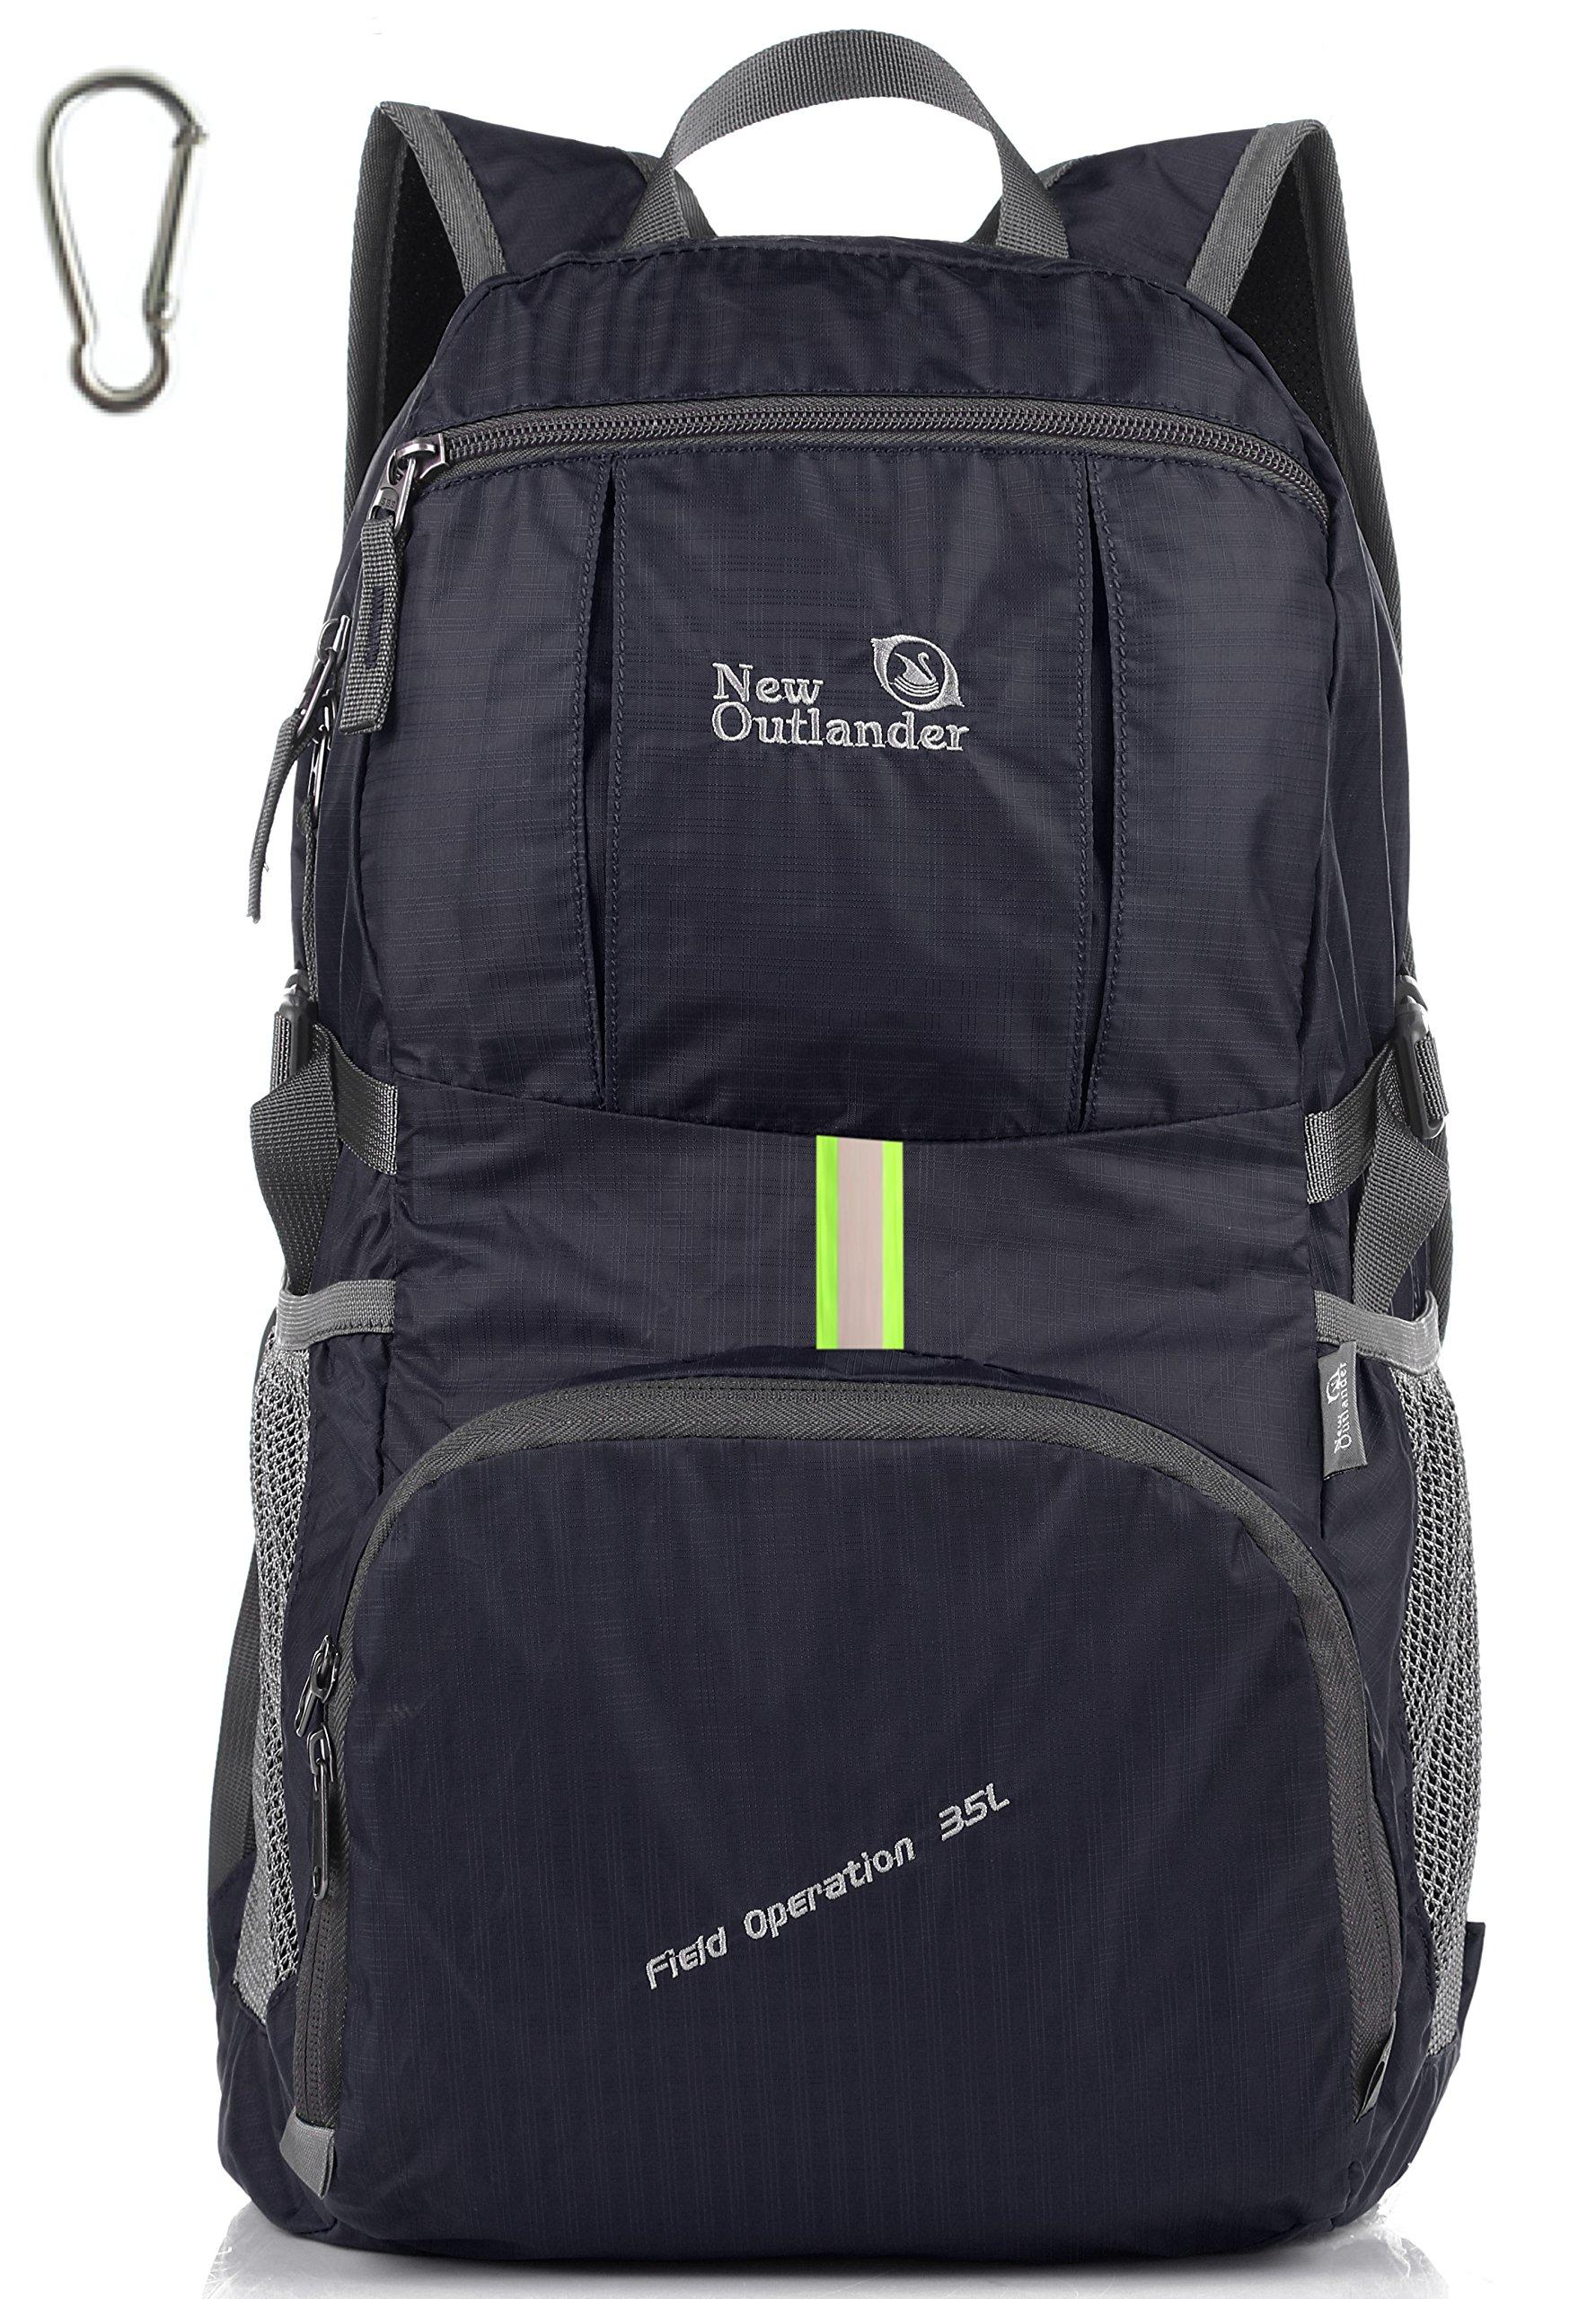 Outlander Packable Lightweight Travel Hiking Backpack Daypack (New Black) by Outlander